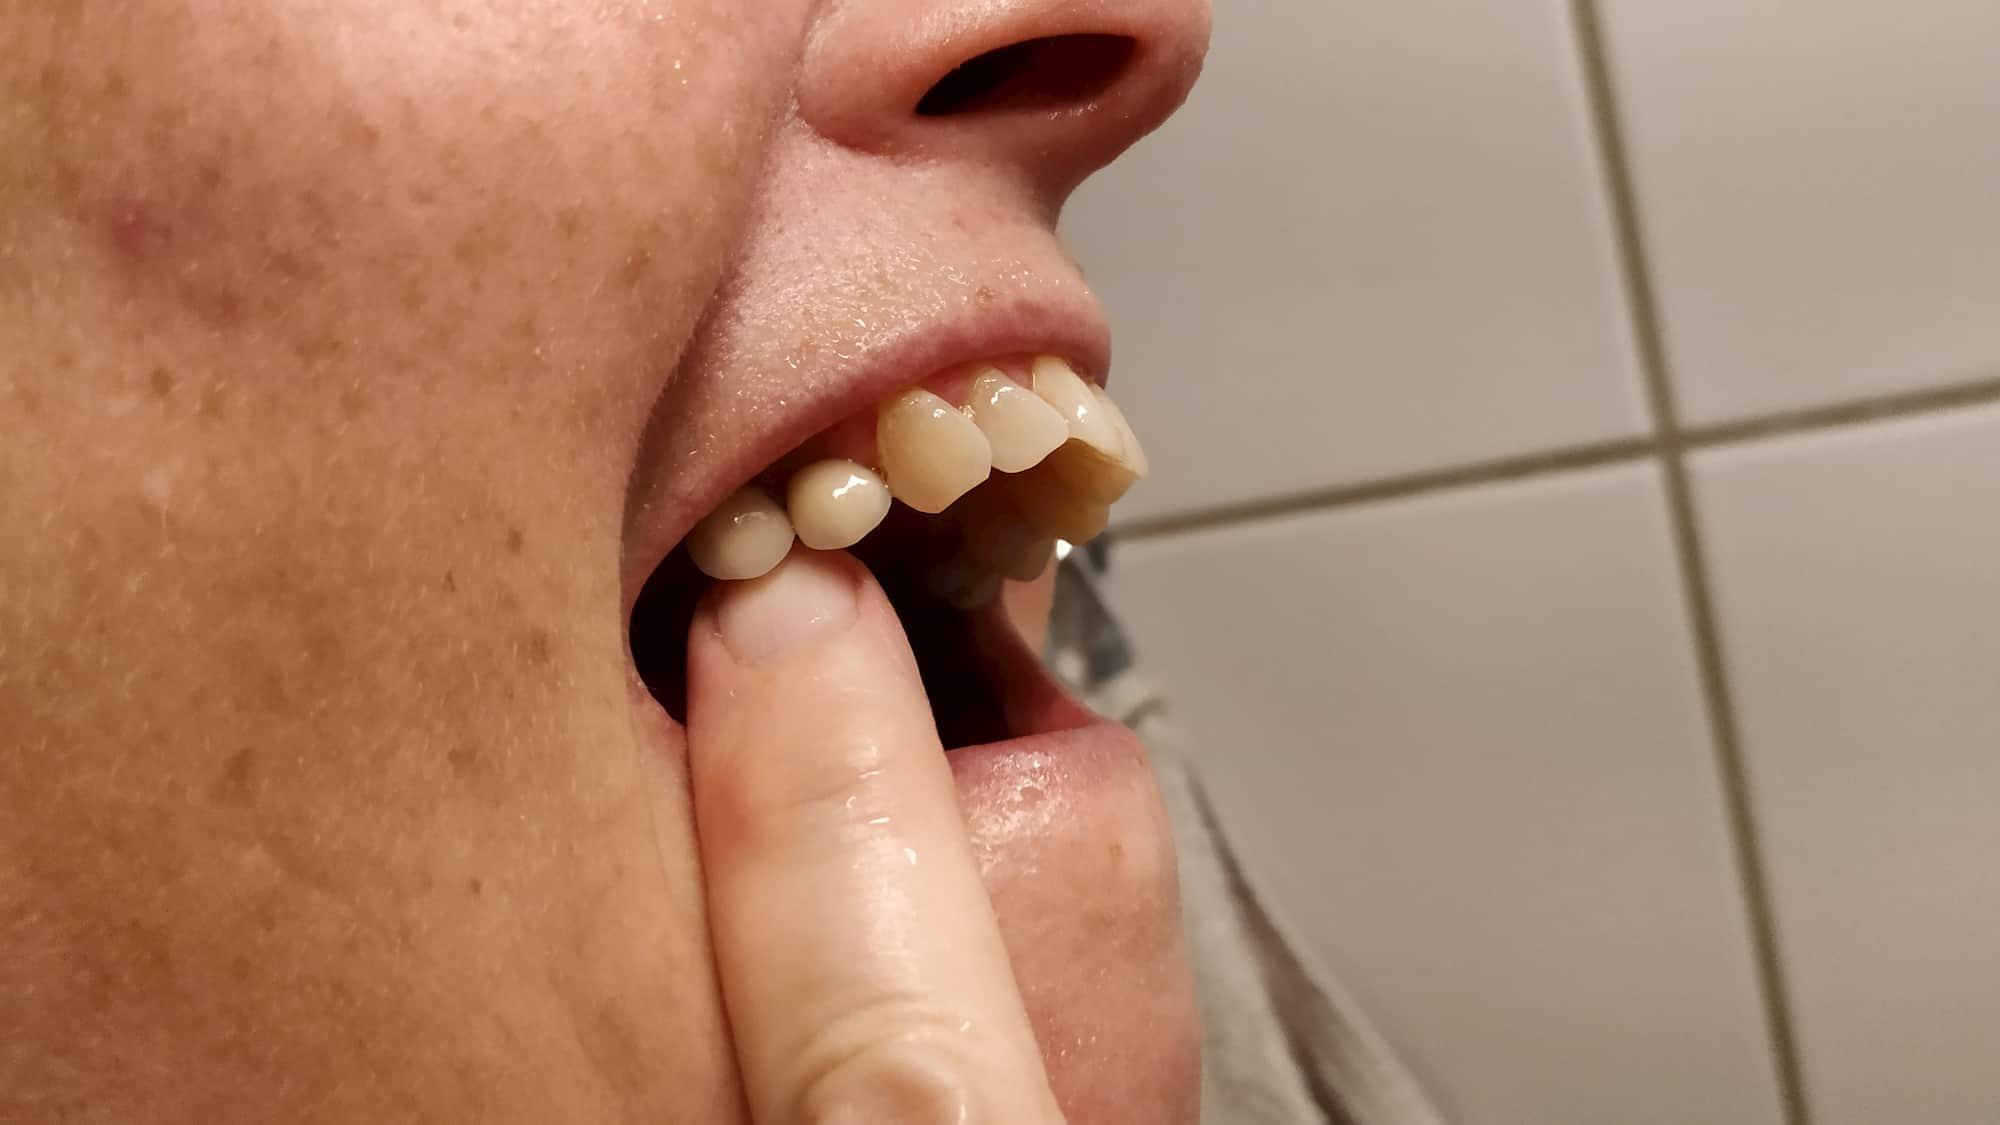 Double implantat lavet af tandlæge Hørsholm (1)